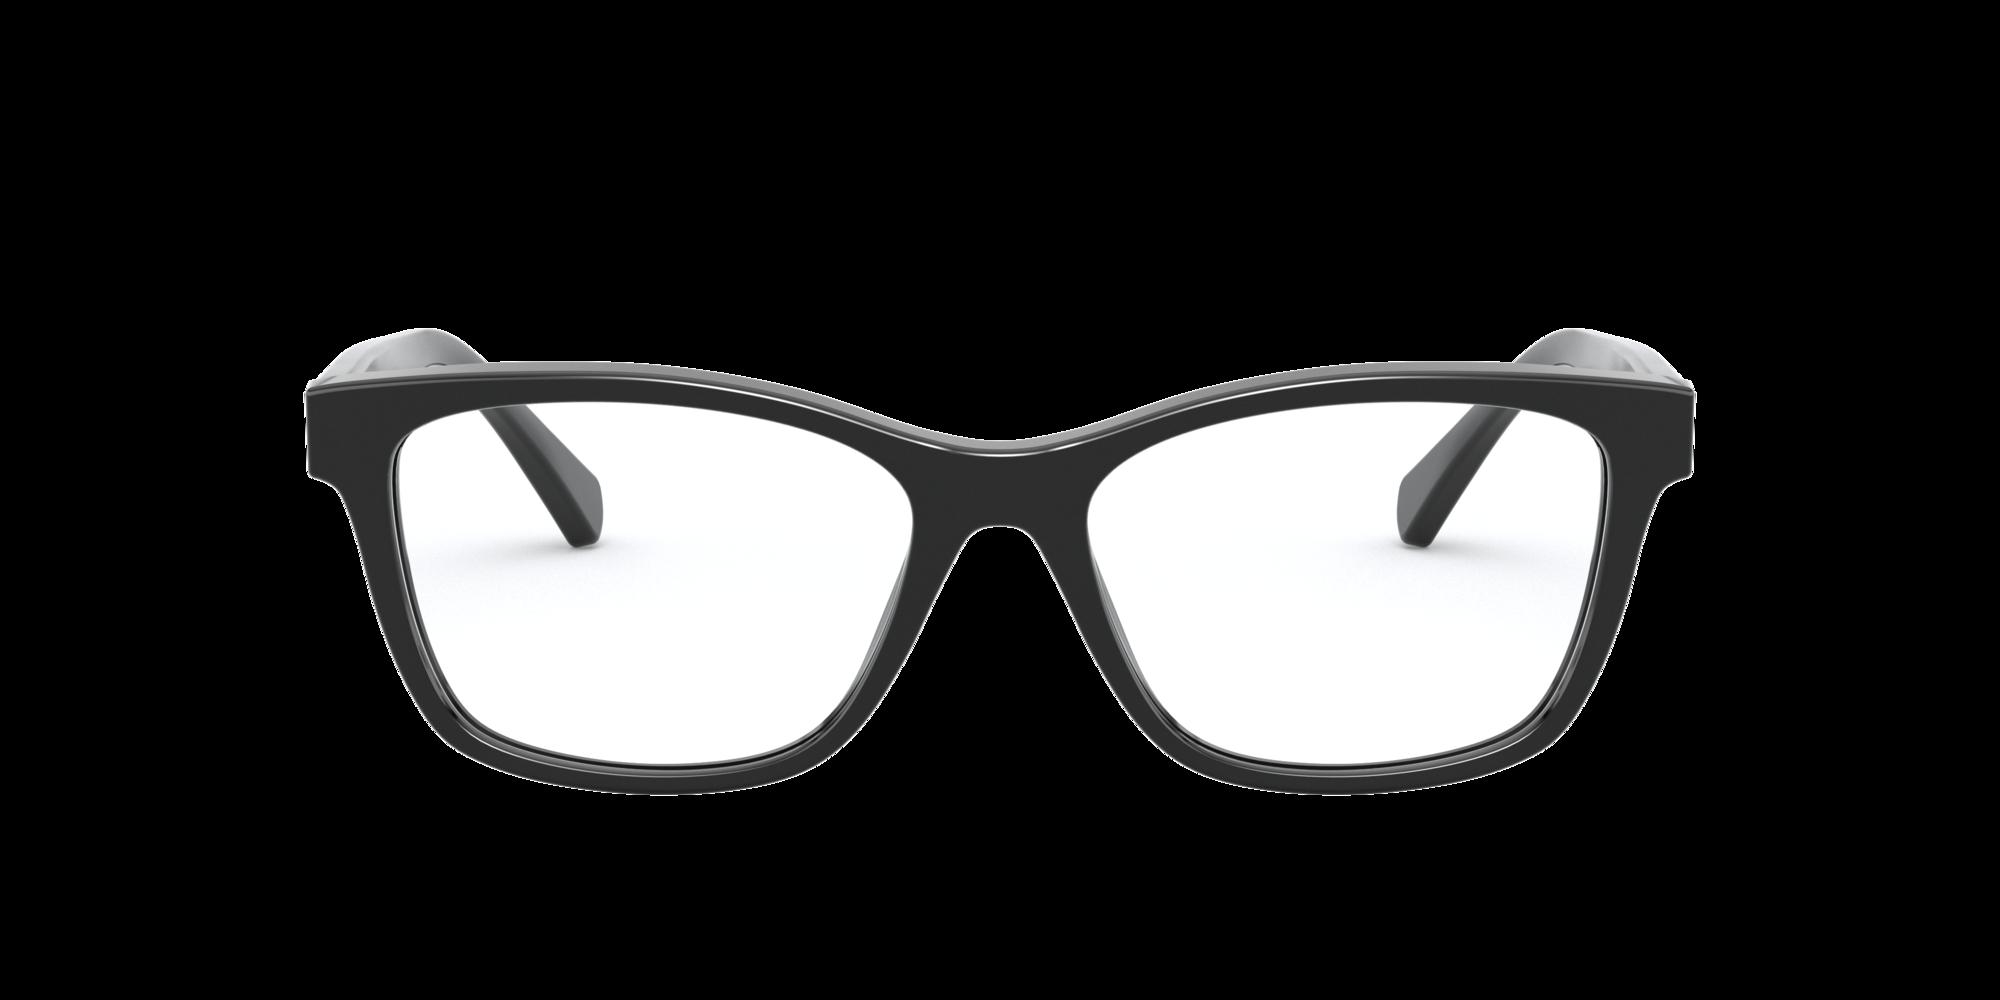 Imagen para RA7117 de LensCrafters |  Espejuelos, espejuelos graduados en línea, gafas